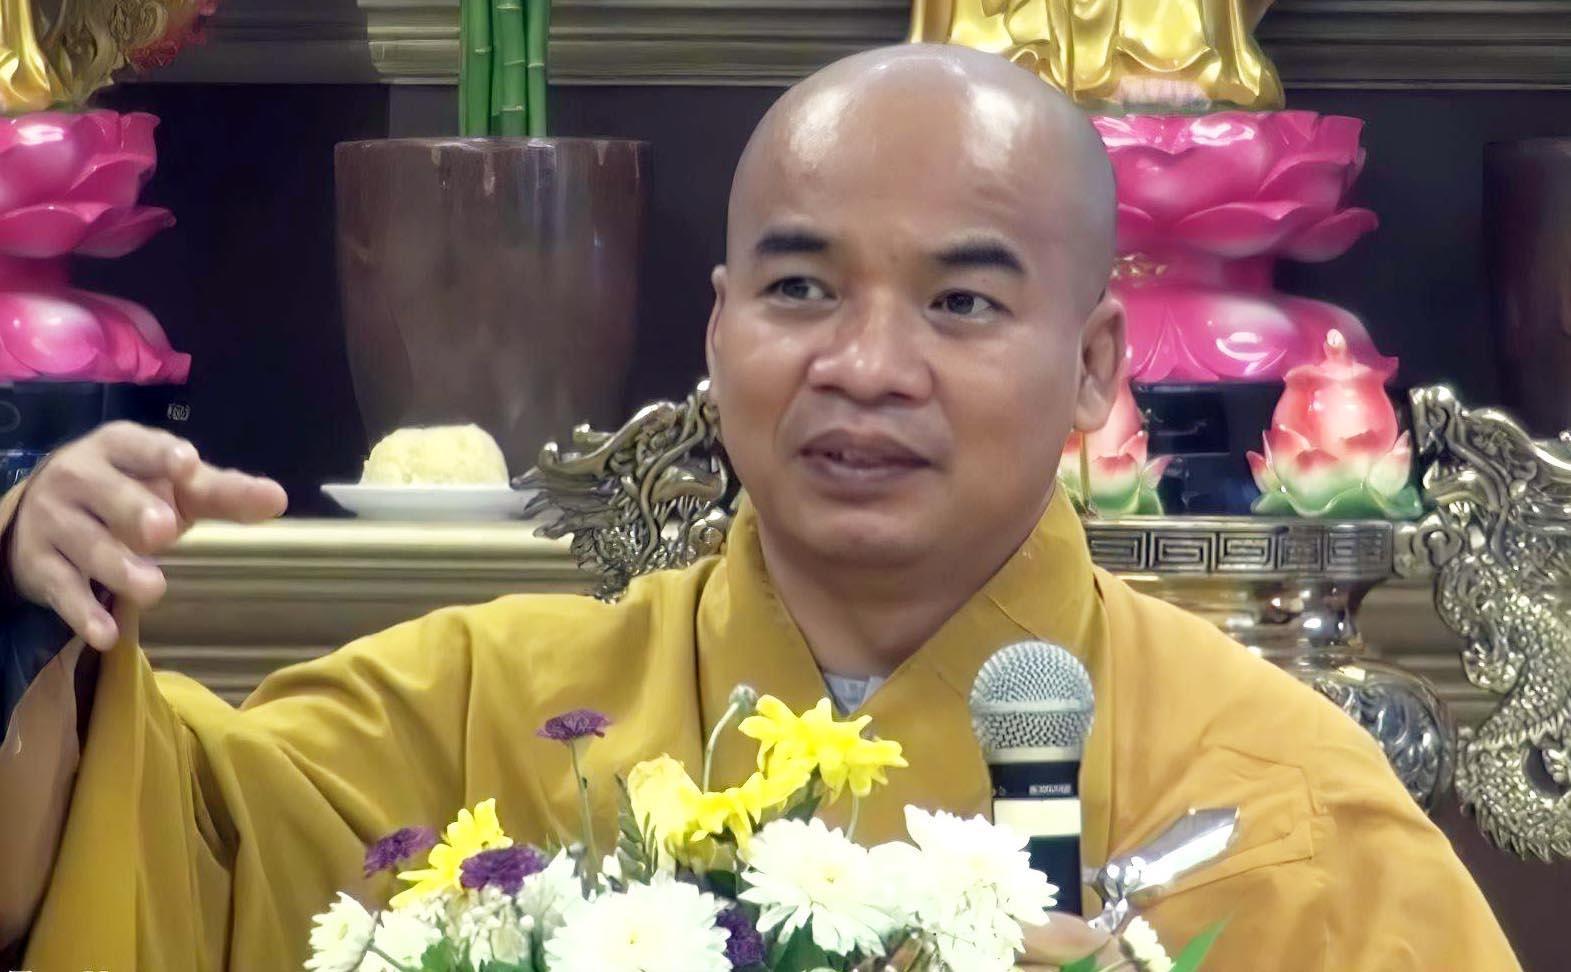 Tiến sĩ phật học bị bãi nhiệm trụ trì chùa Bảo Tạng sau vụ hiếp dâm